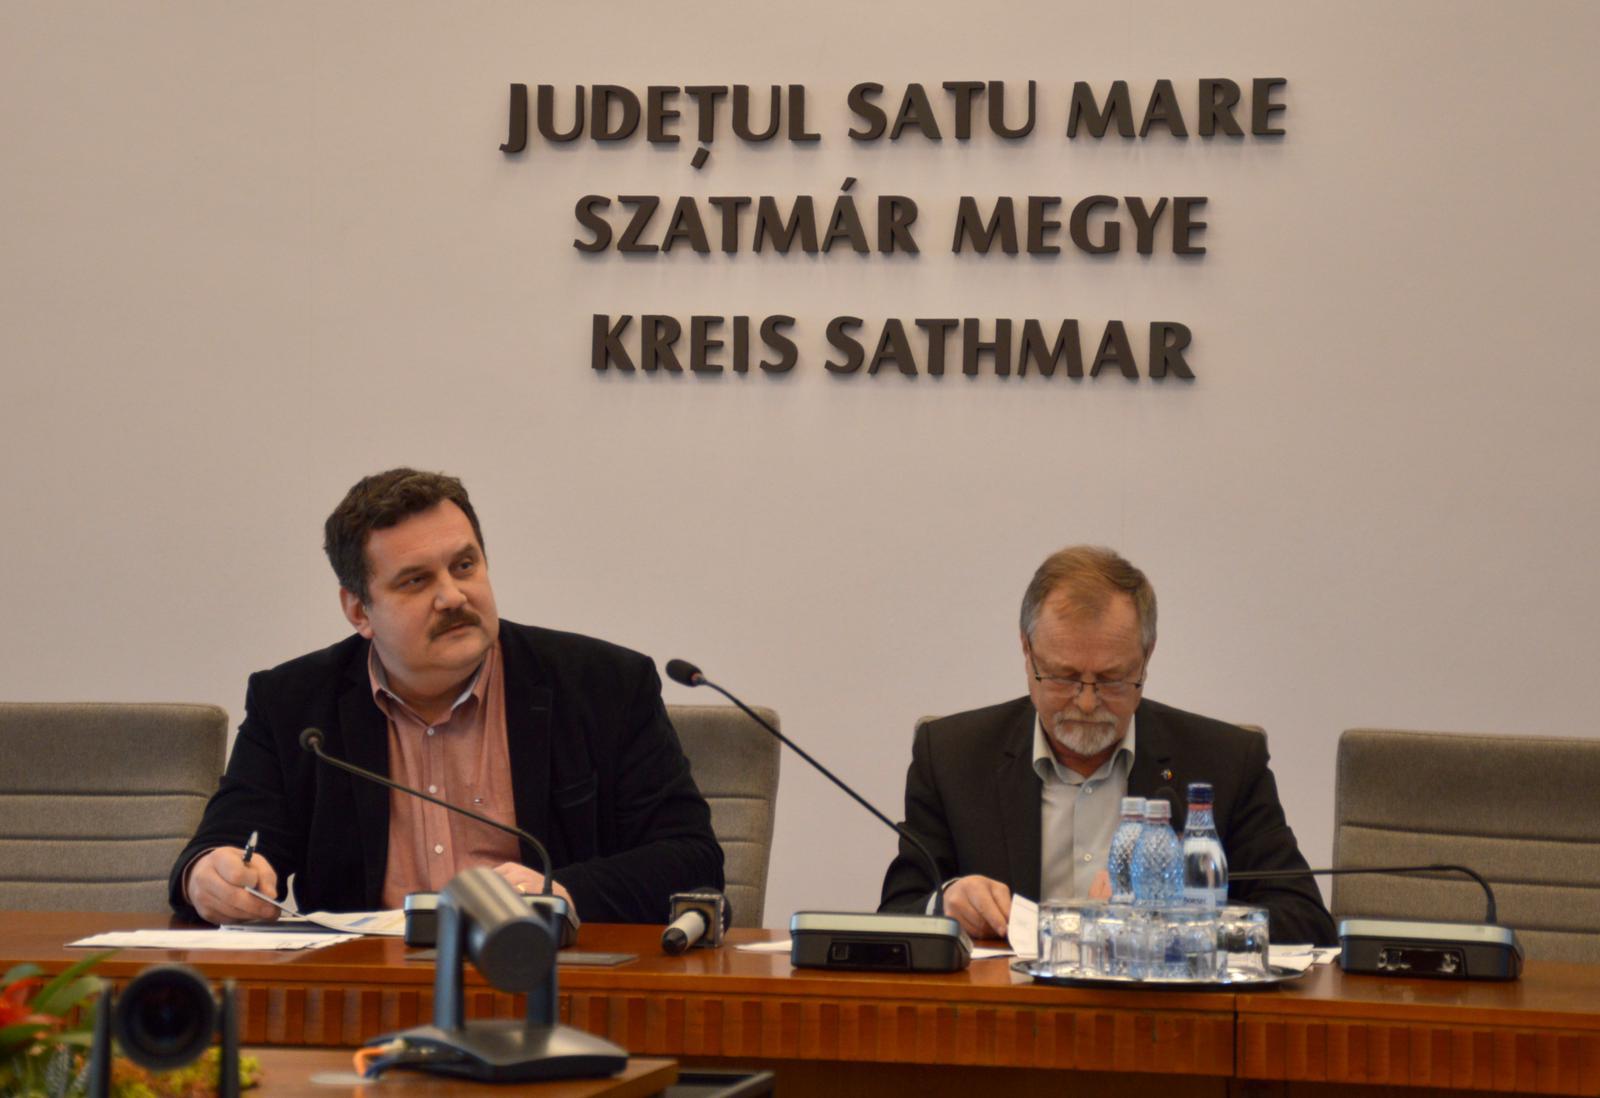 Proiect: 60% din bugetul județului Satu Mare pe anul 2020 să fie alocat investițiilor